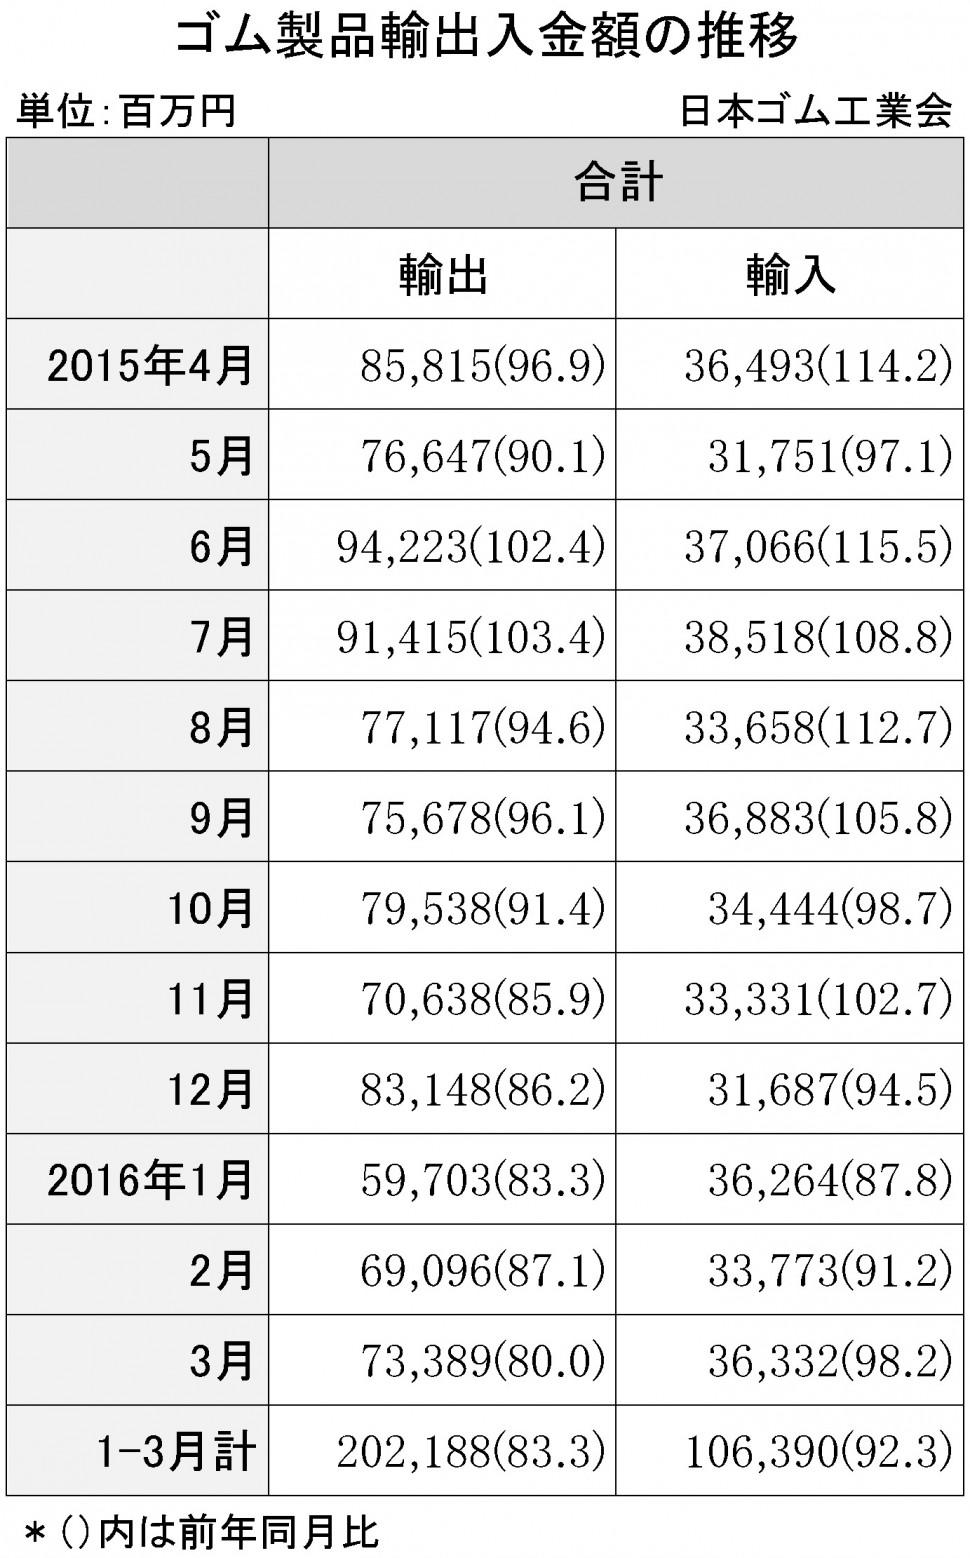 2016-3月ゴム製品輸出入金額 紙面のみ